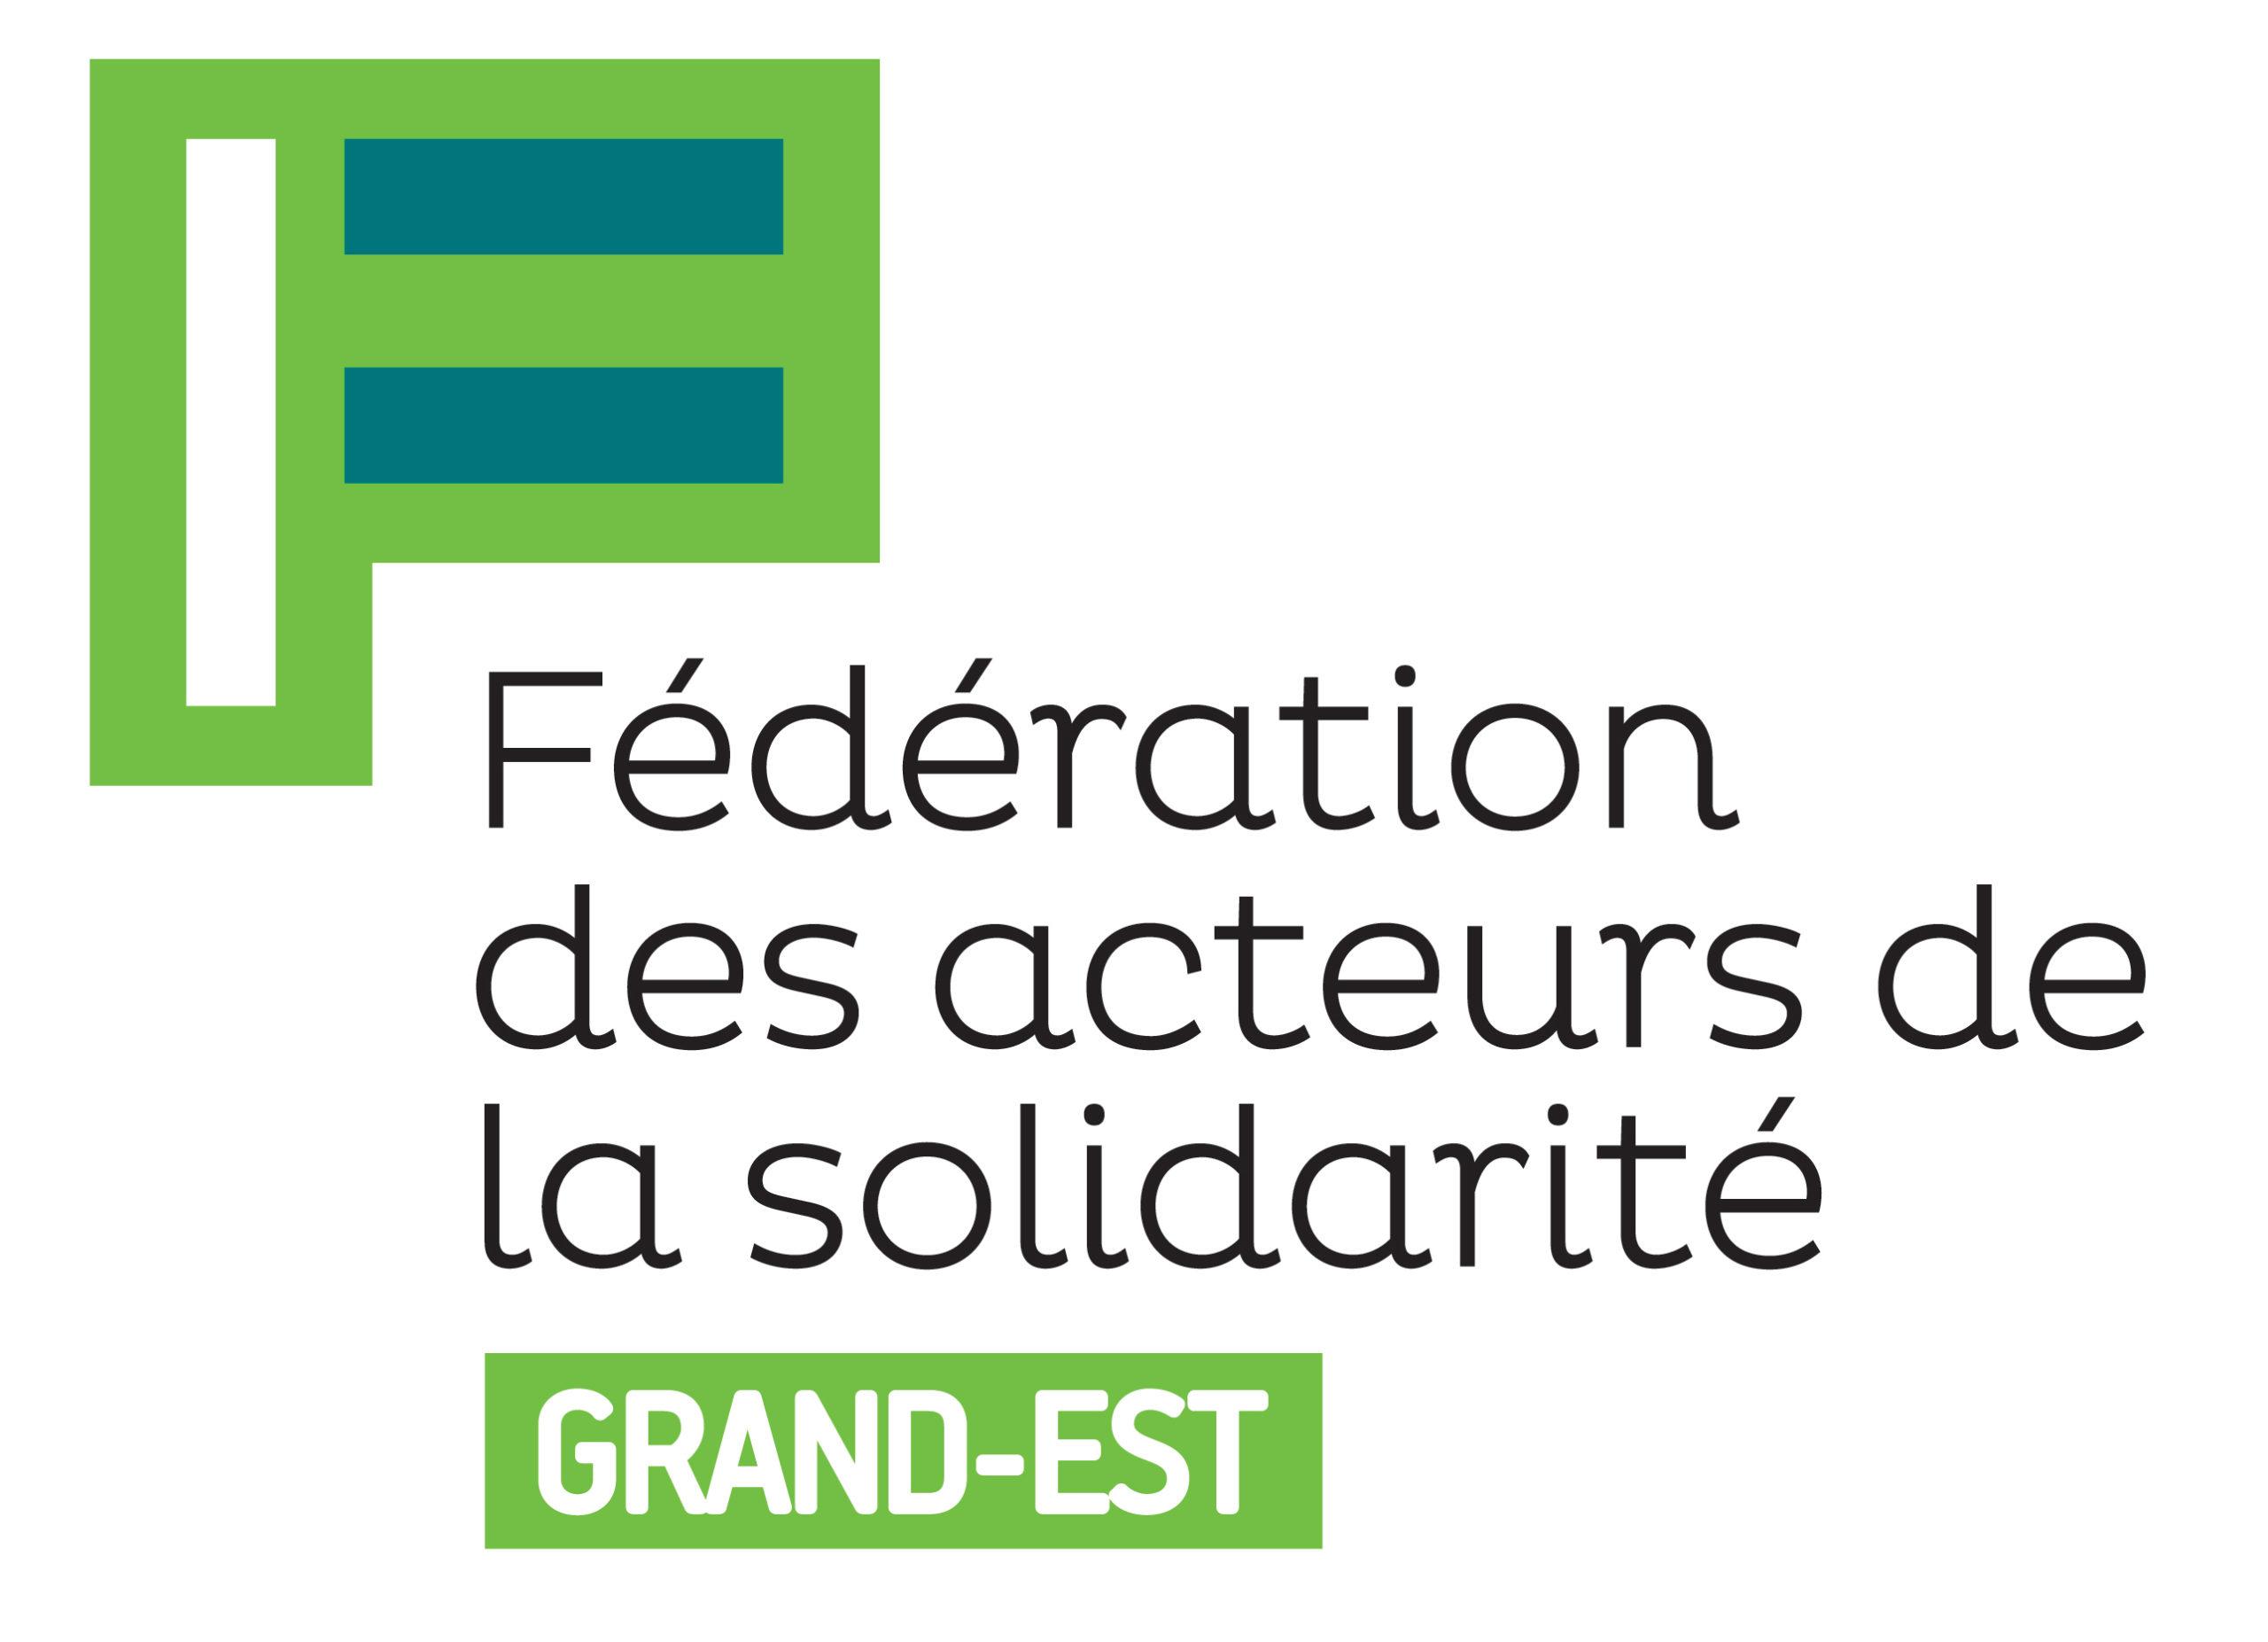 federation_GRAND-EST